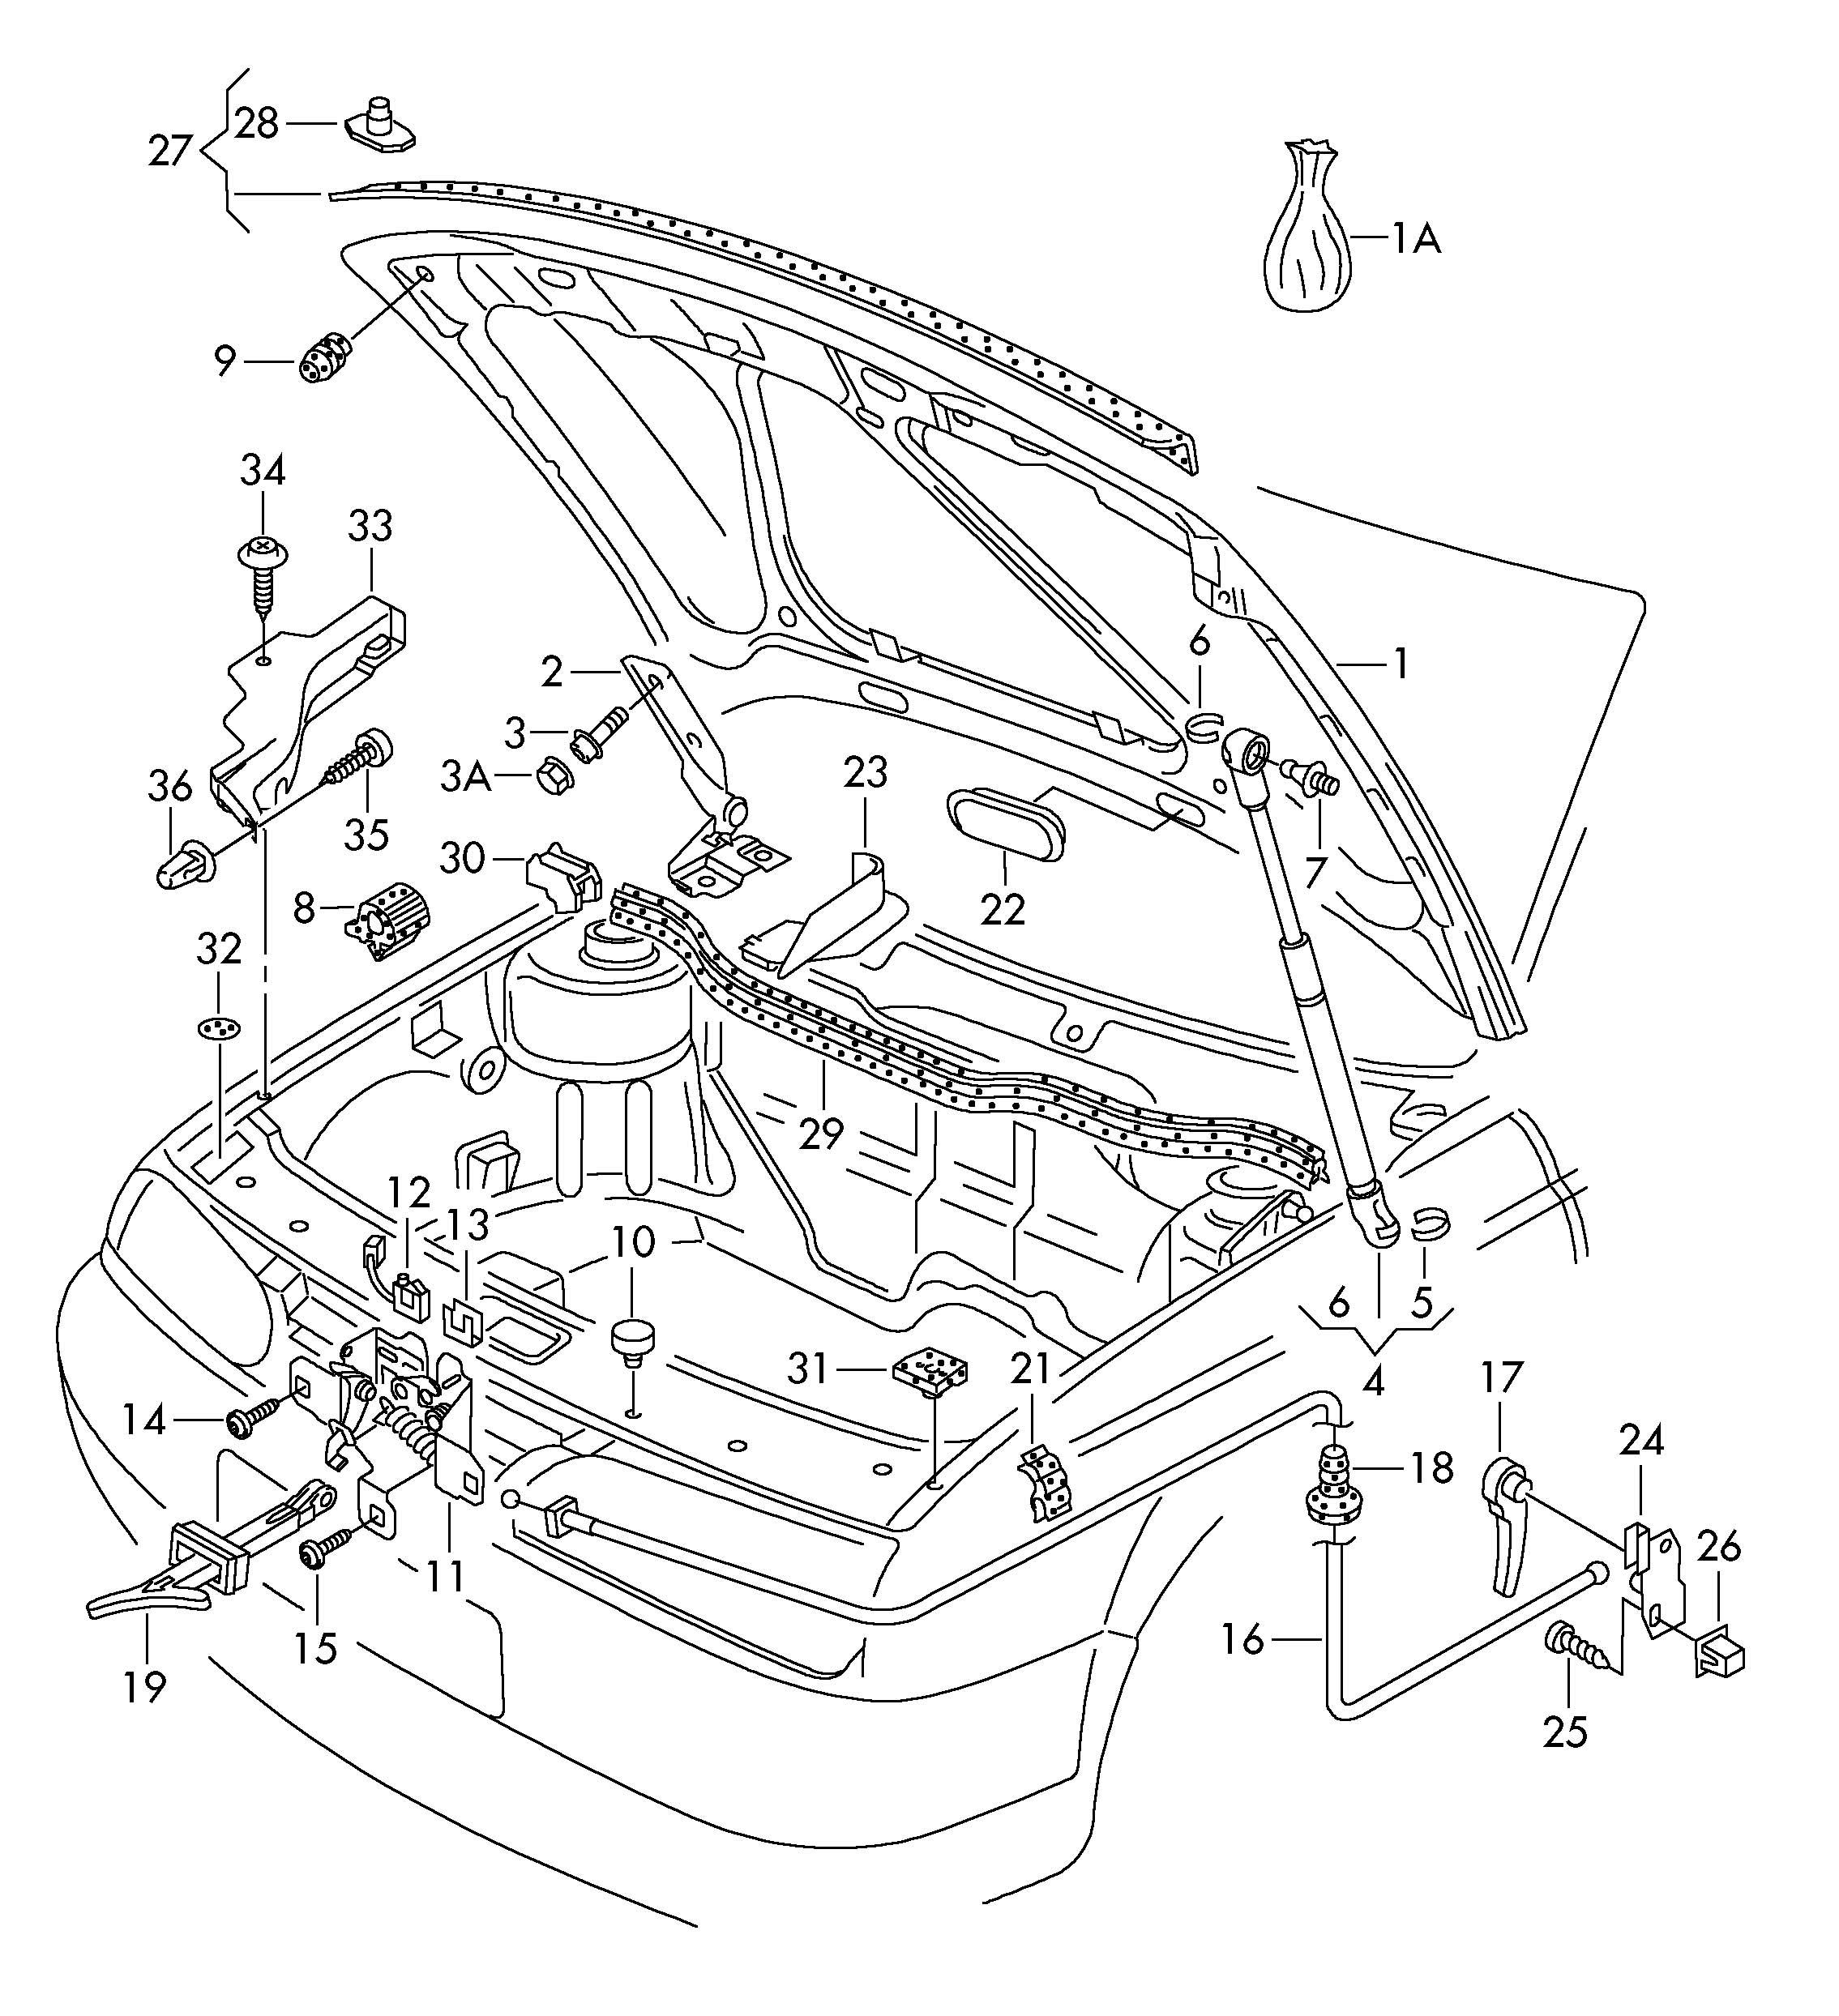 1J0823729 - Volkswagen Insert | Jim Ellis Volkswagen ...